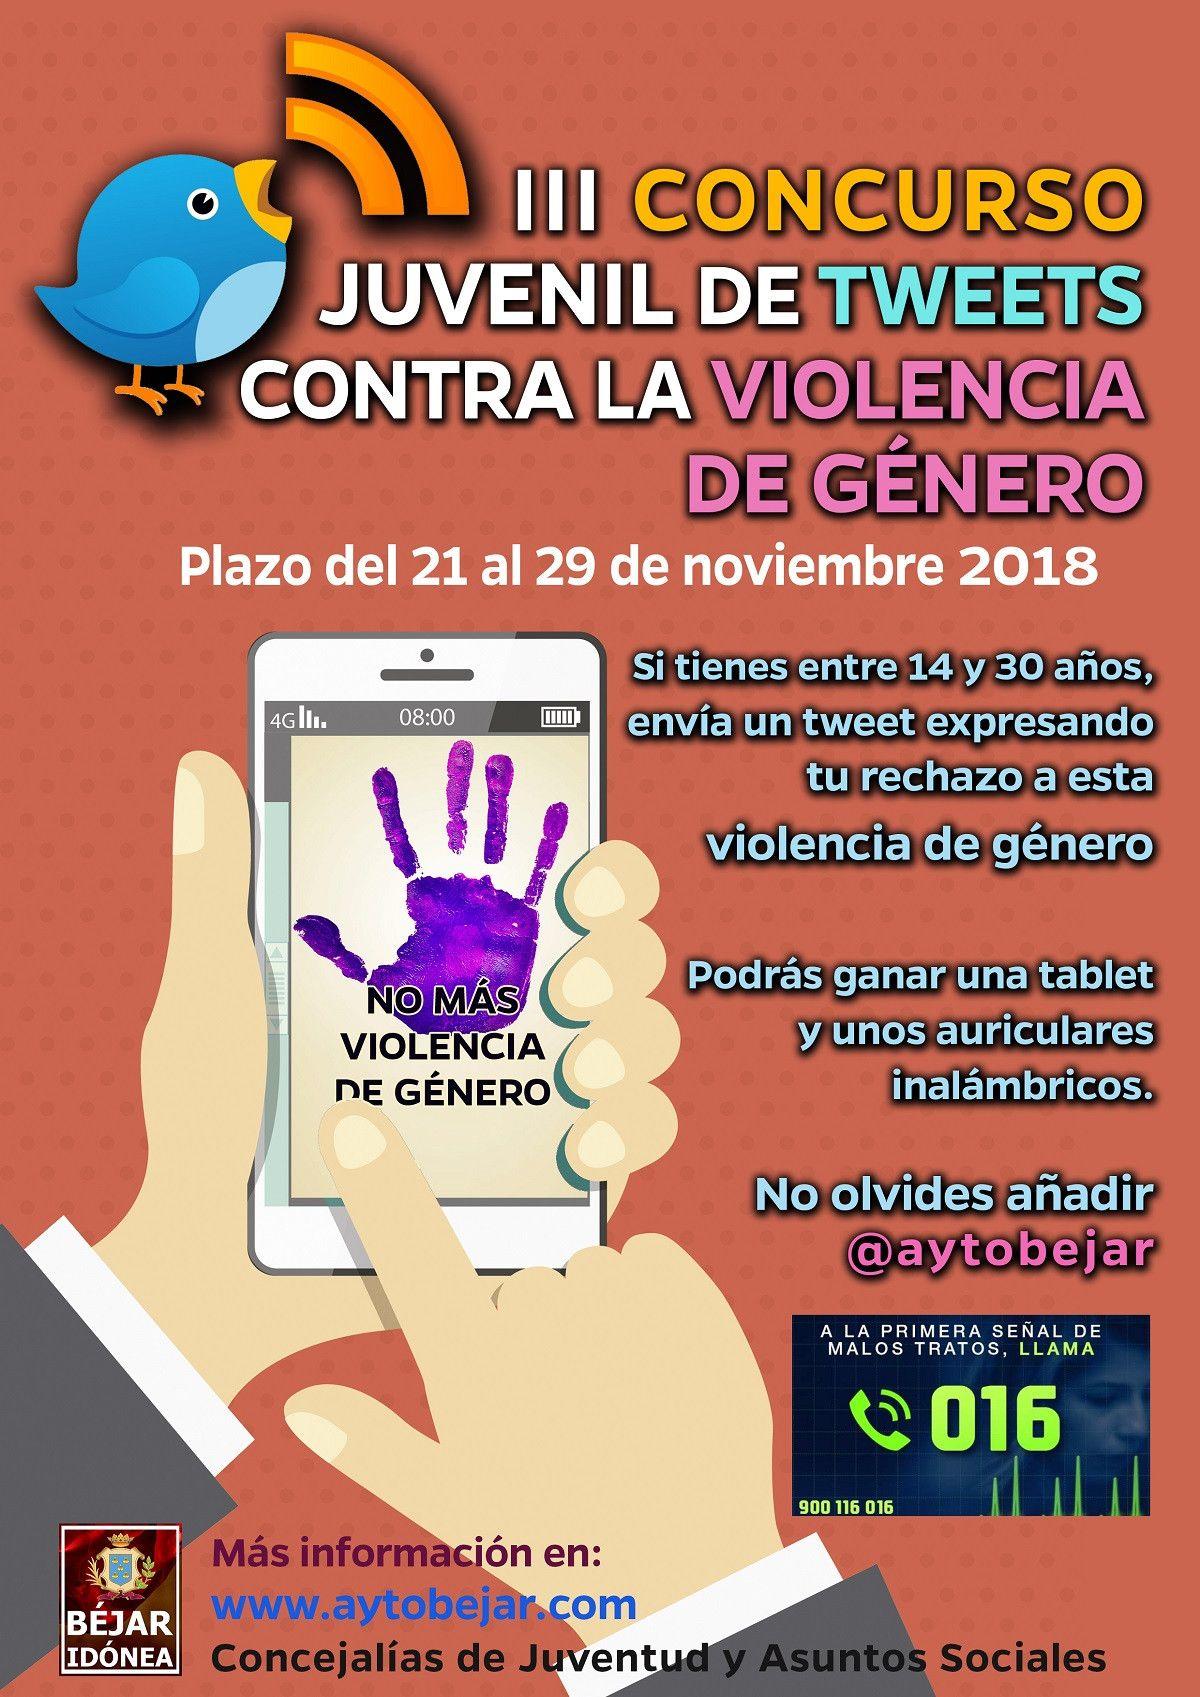 Cartel concuso tweet juventud violencia de gu00e9nero 2018 (1)